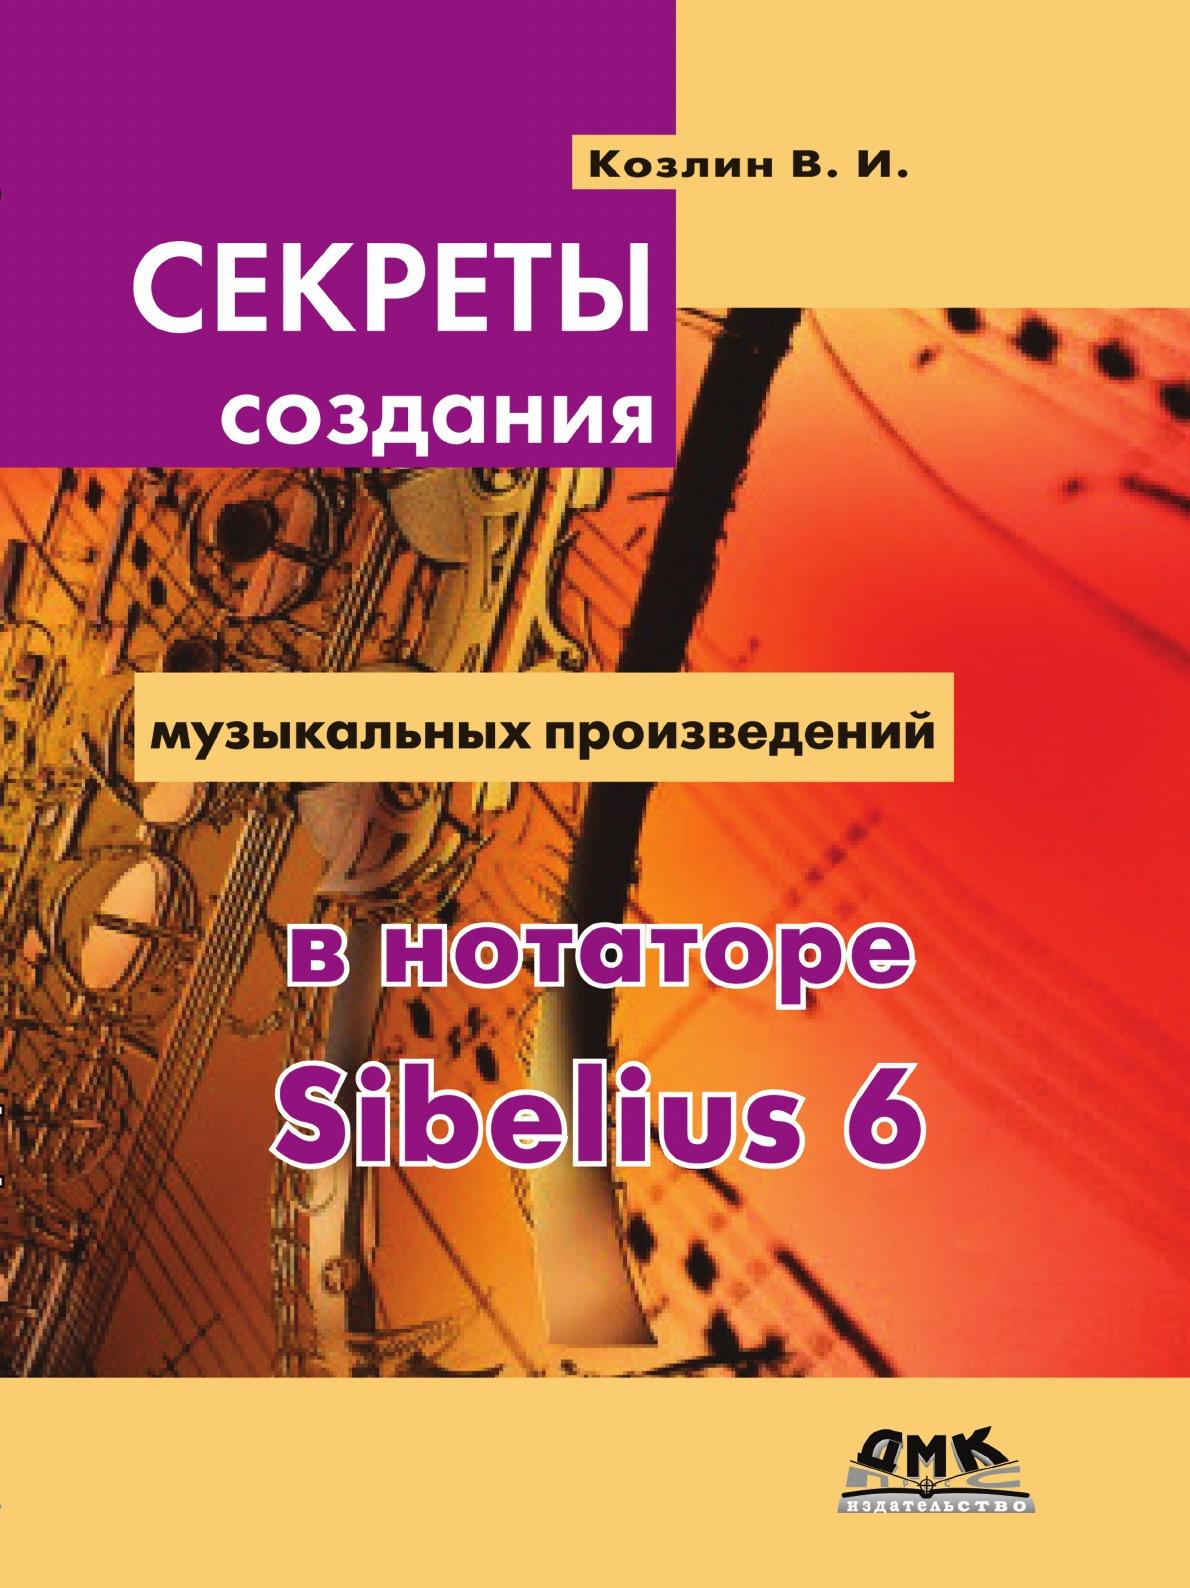 В.И. Козлин Секреты создания музыкальных произведений в нотаторе Sibelius 6. Школа игры на компьютере в нотаторе Sibelius 6